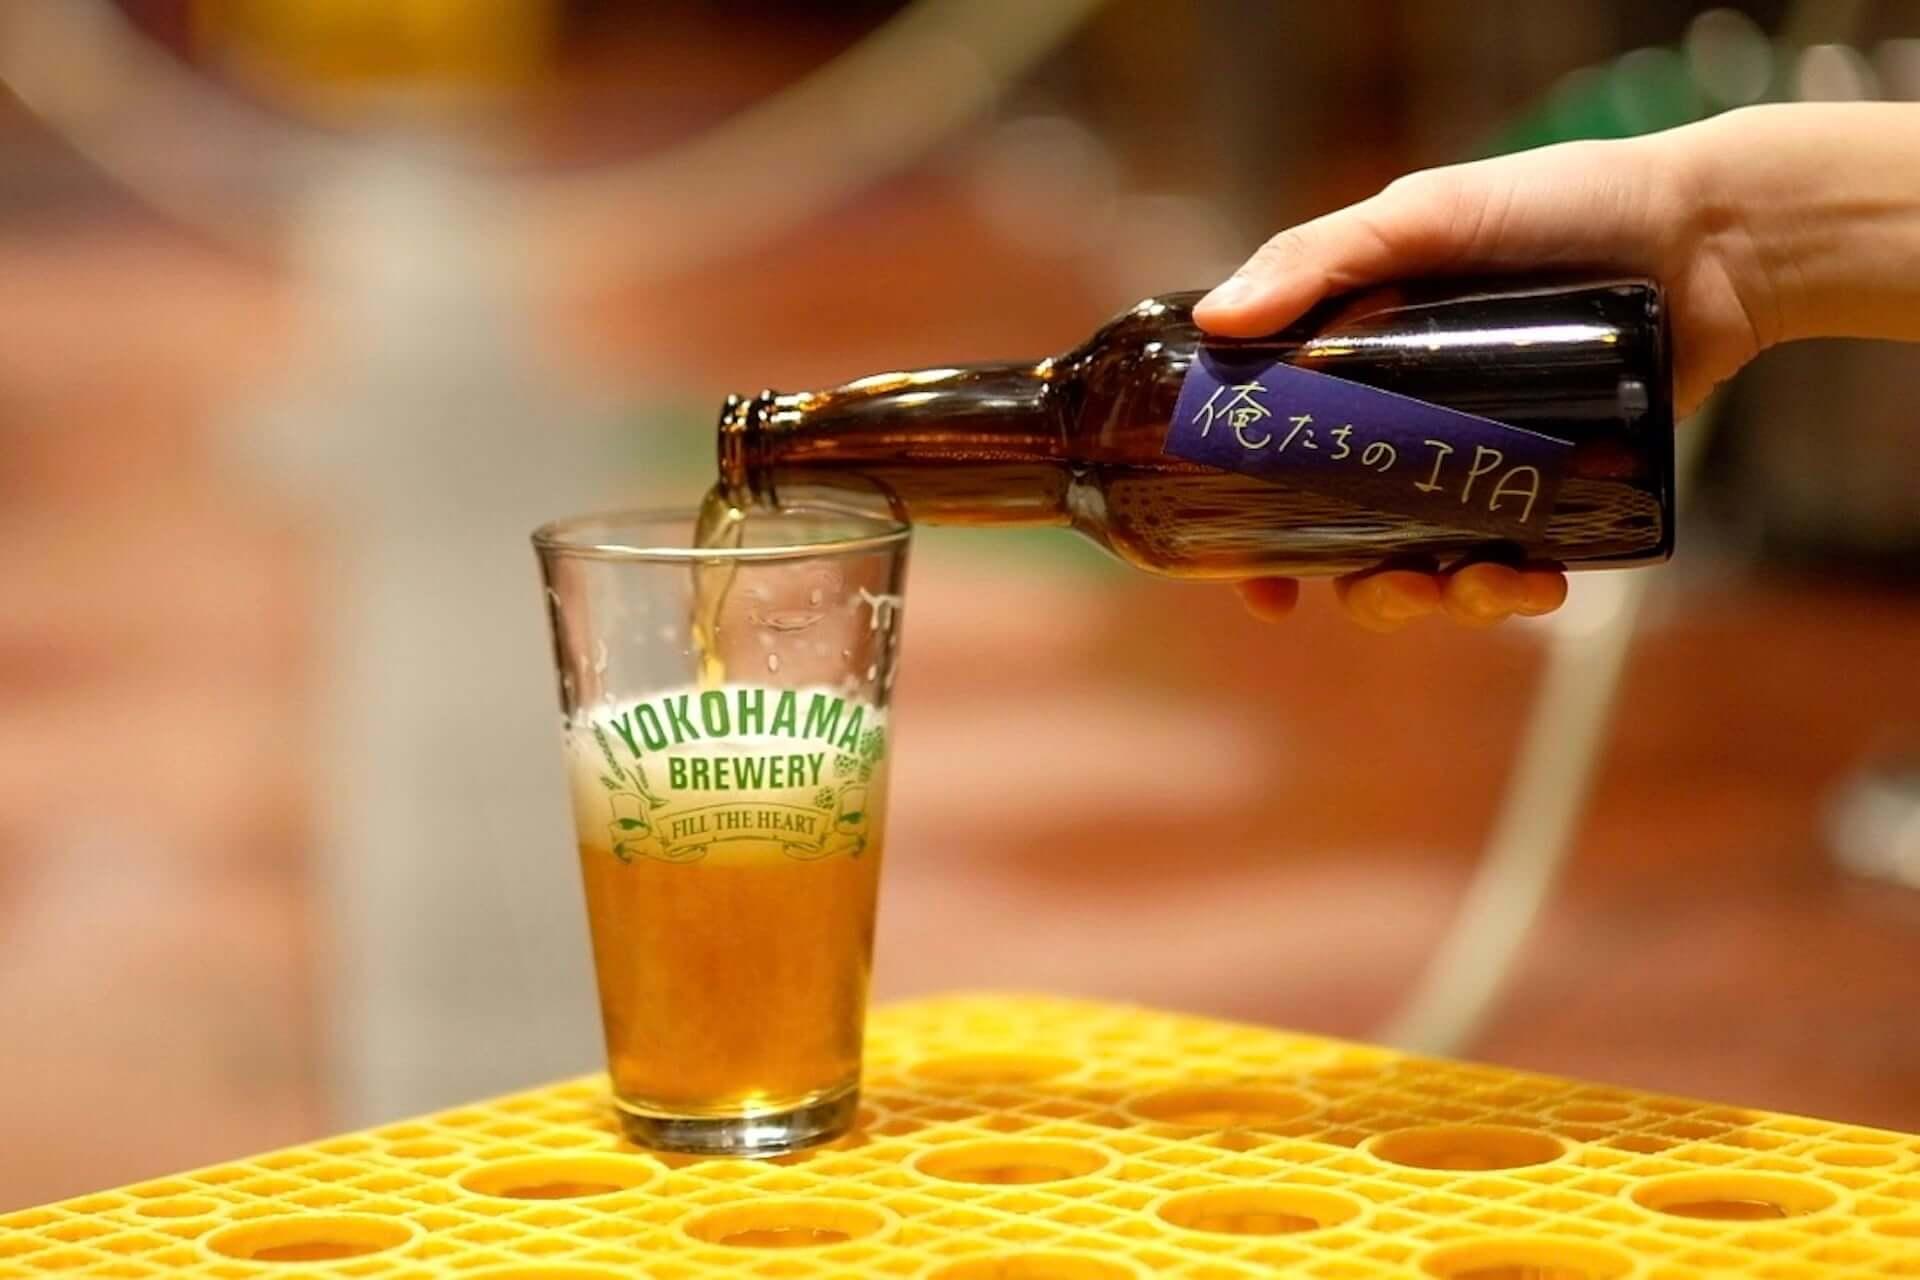 クラフトビールメーカー「横浜ビール」から新商品『俺たちのIPA -OUR PRIDE-』が登場!100セット限定で発売決定 gourmet210216_yokohamabeer_6-1920x1280